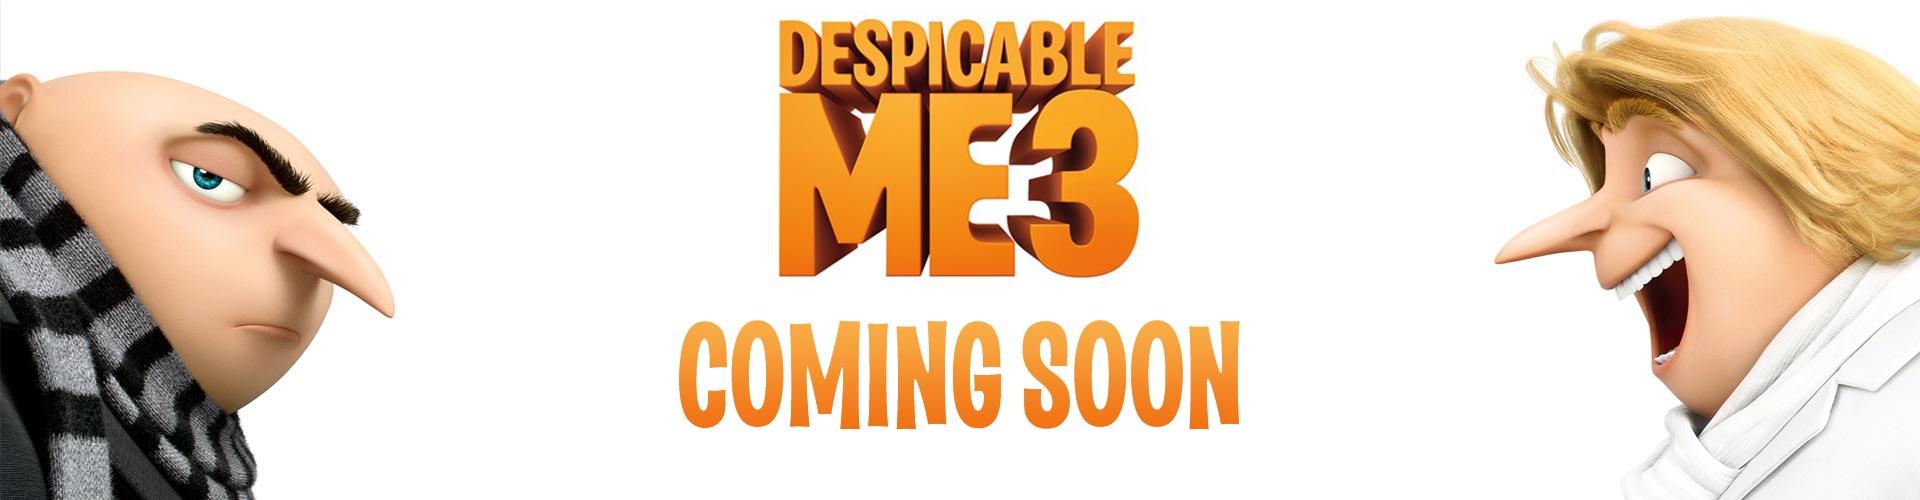 DM3-Coming-Soon